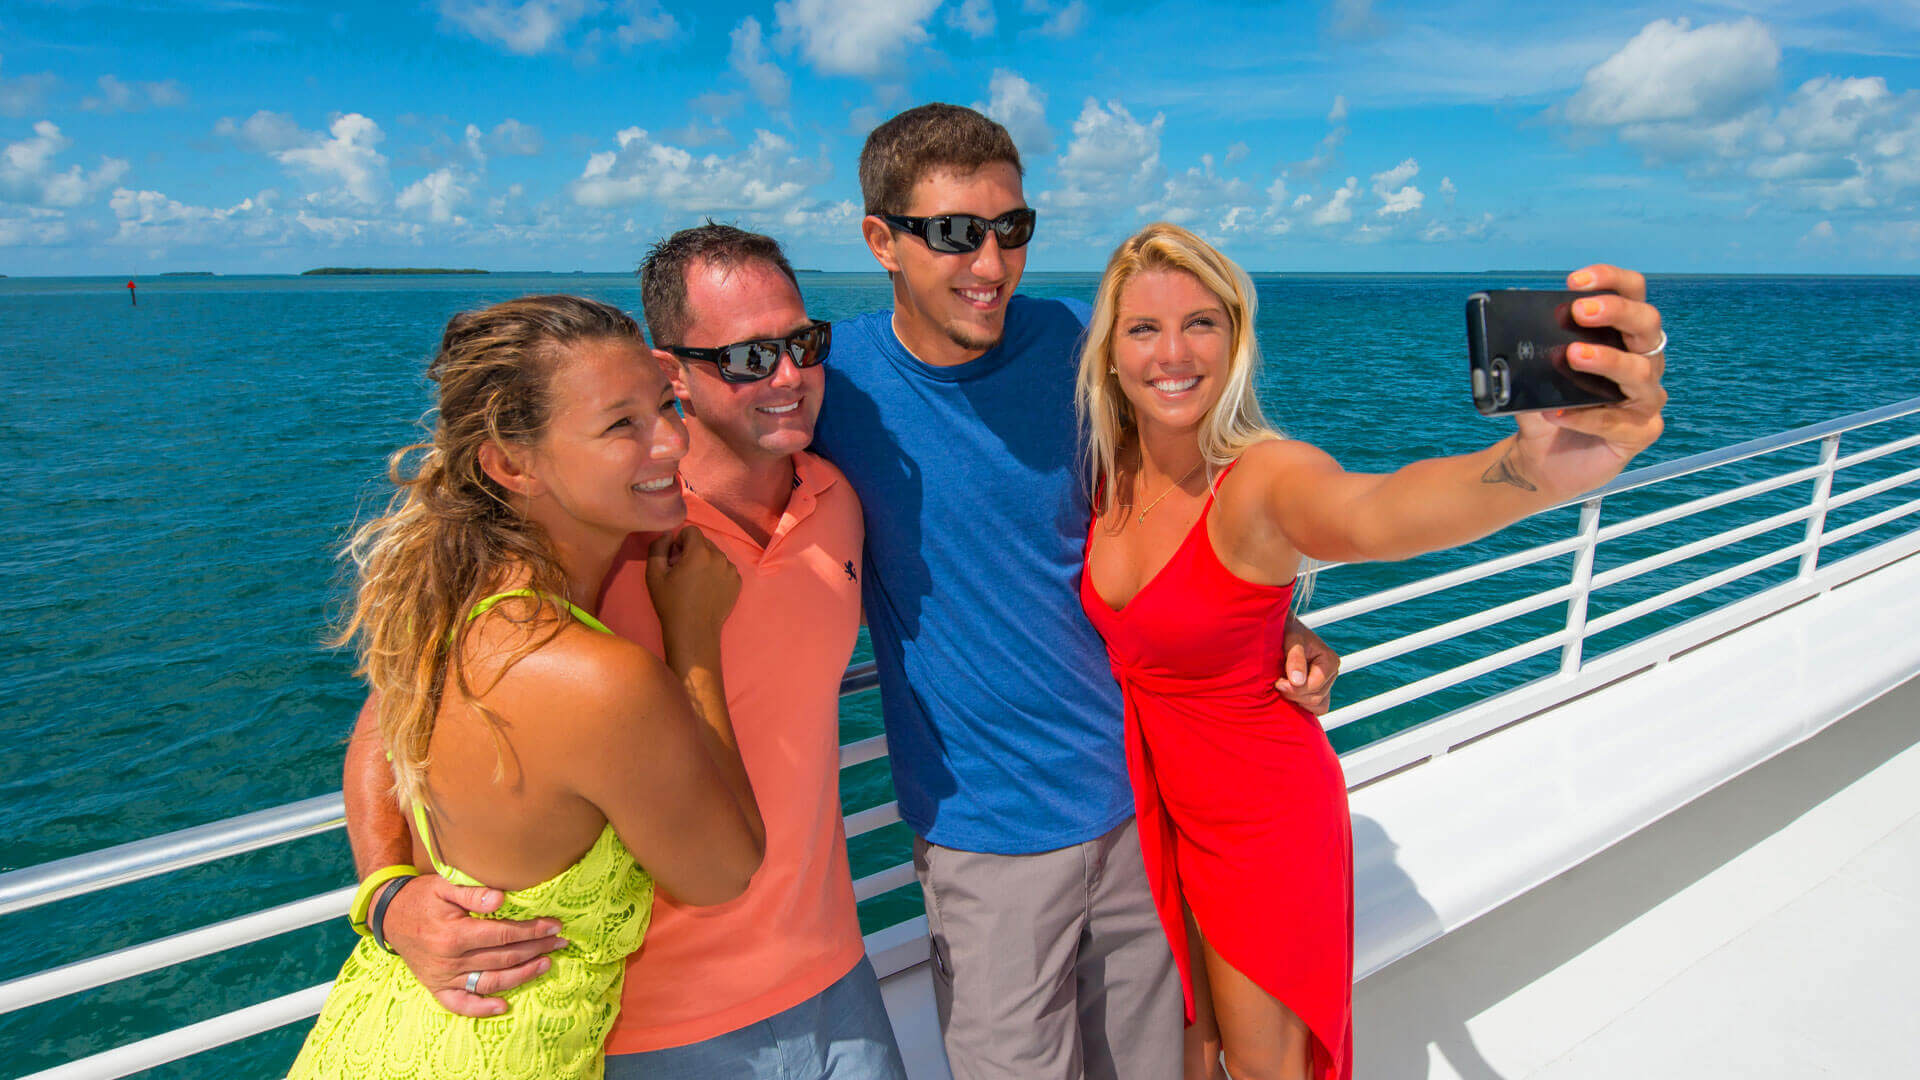 Friends taking a selfie aboard a Fury's catamaran in Key West